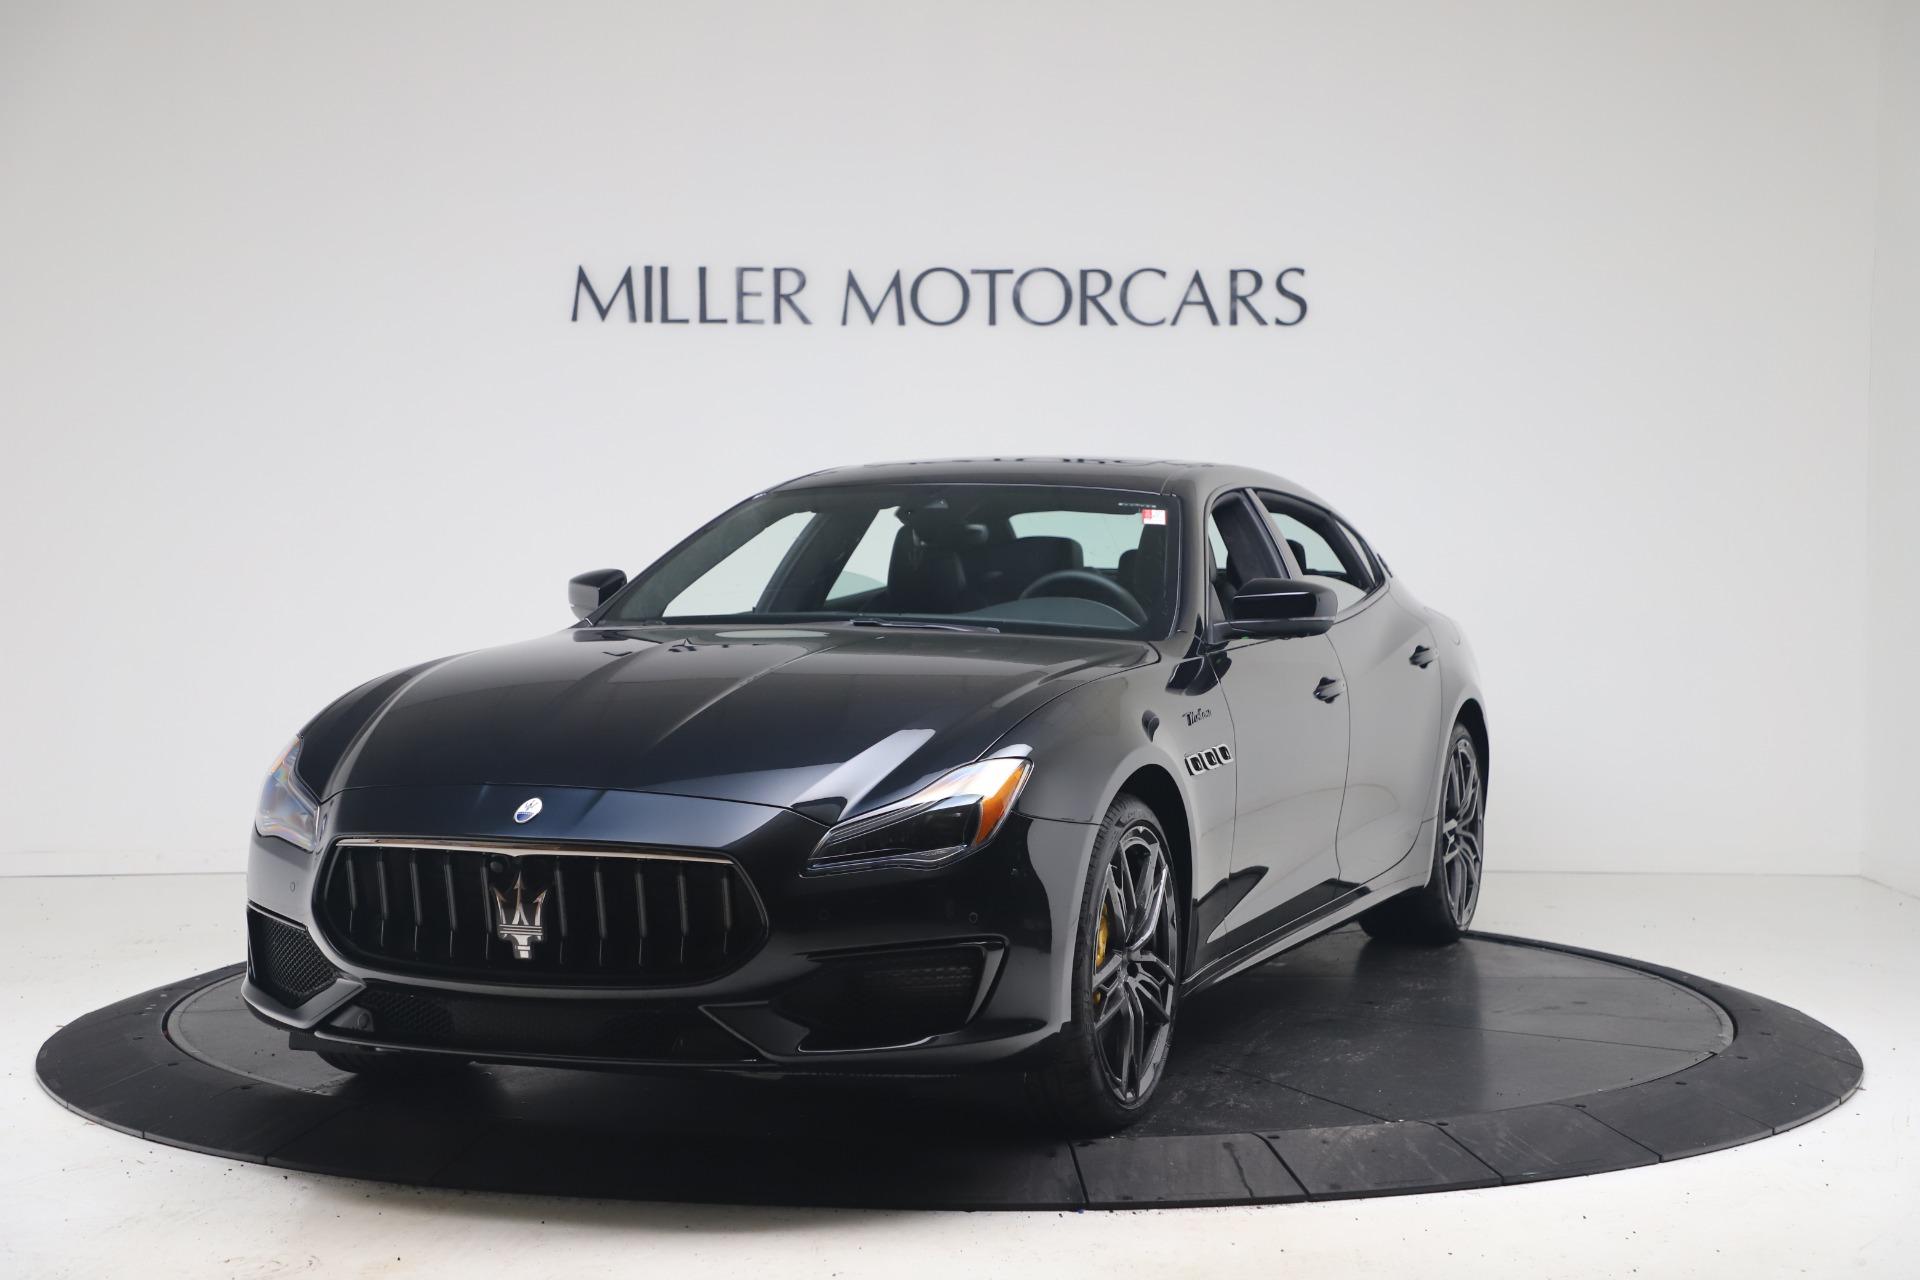 New 2022 Maserati Quattroporte Modena Q4 for sale $131,195 at McLaren Greenwich in Greenwich CT 06830 1